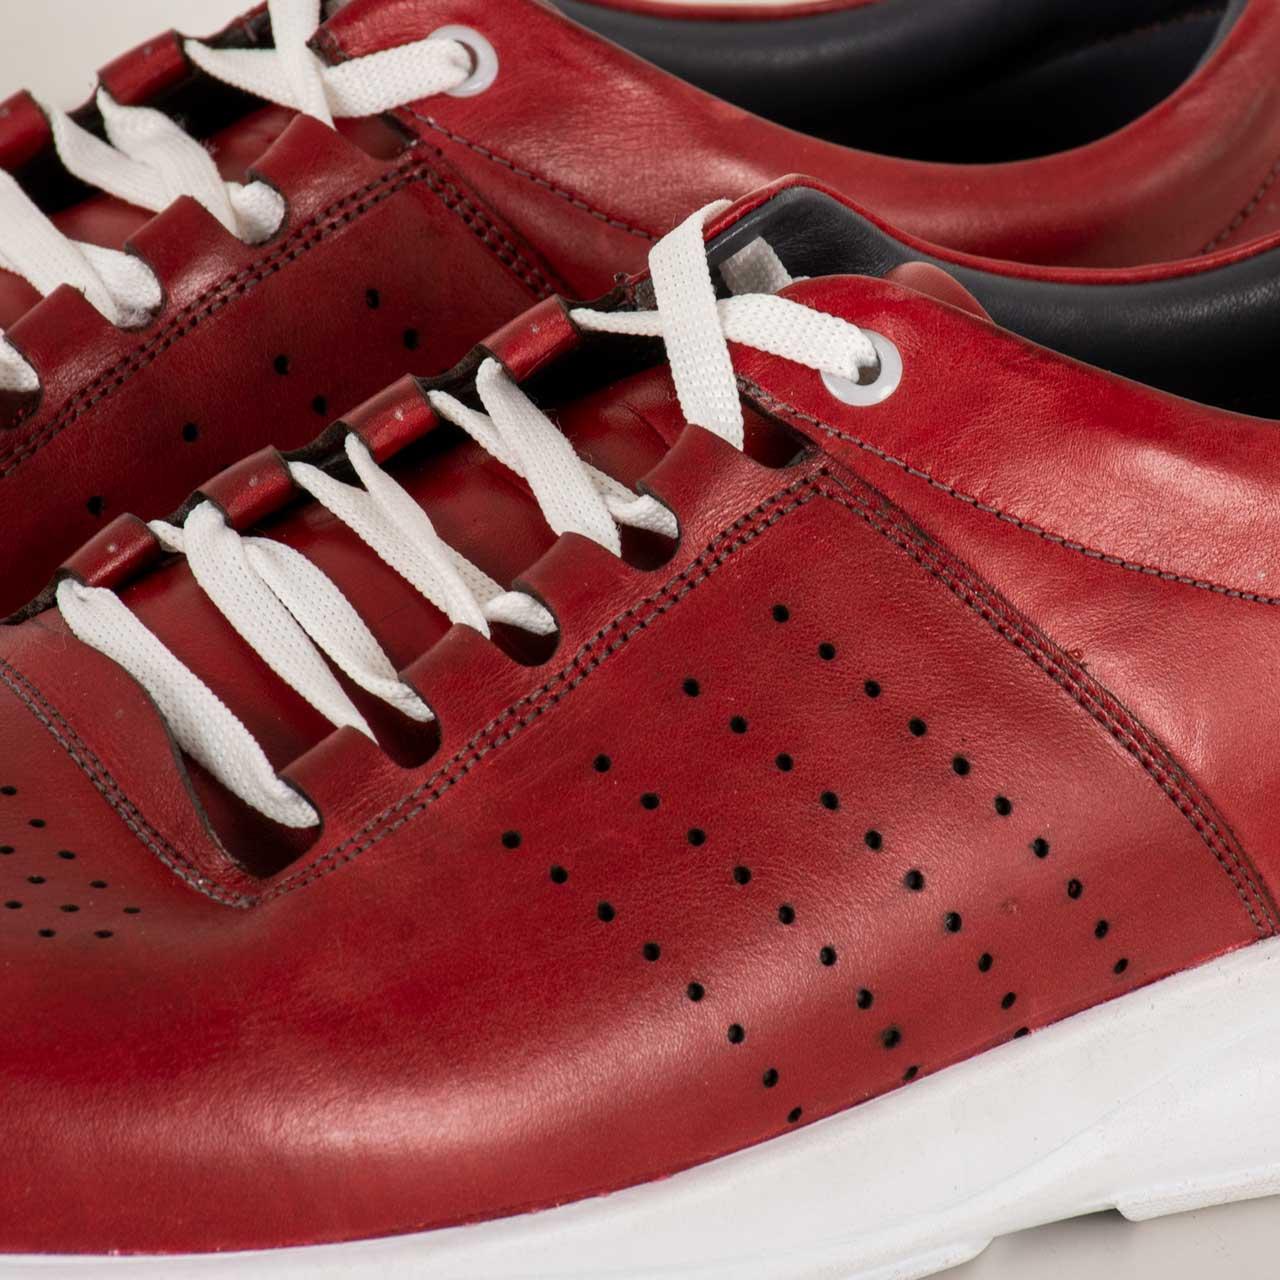 کفش روزمره مردانه پارینه چرم مدل SHO176-2 -  - 5